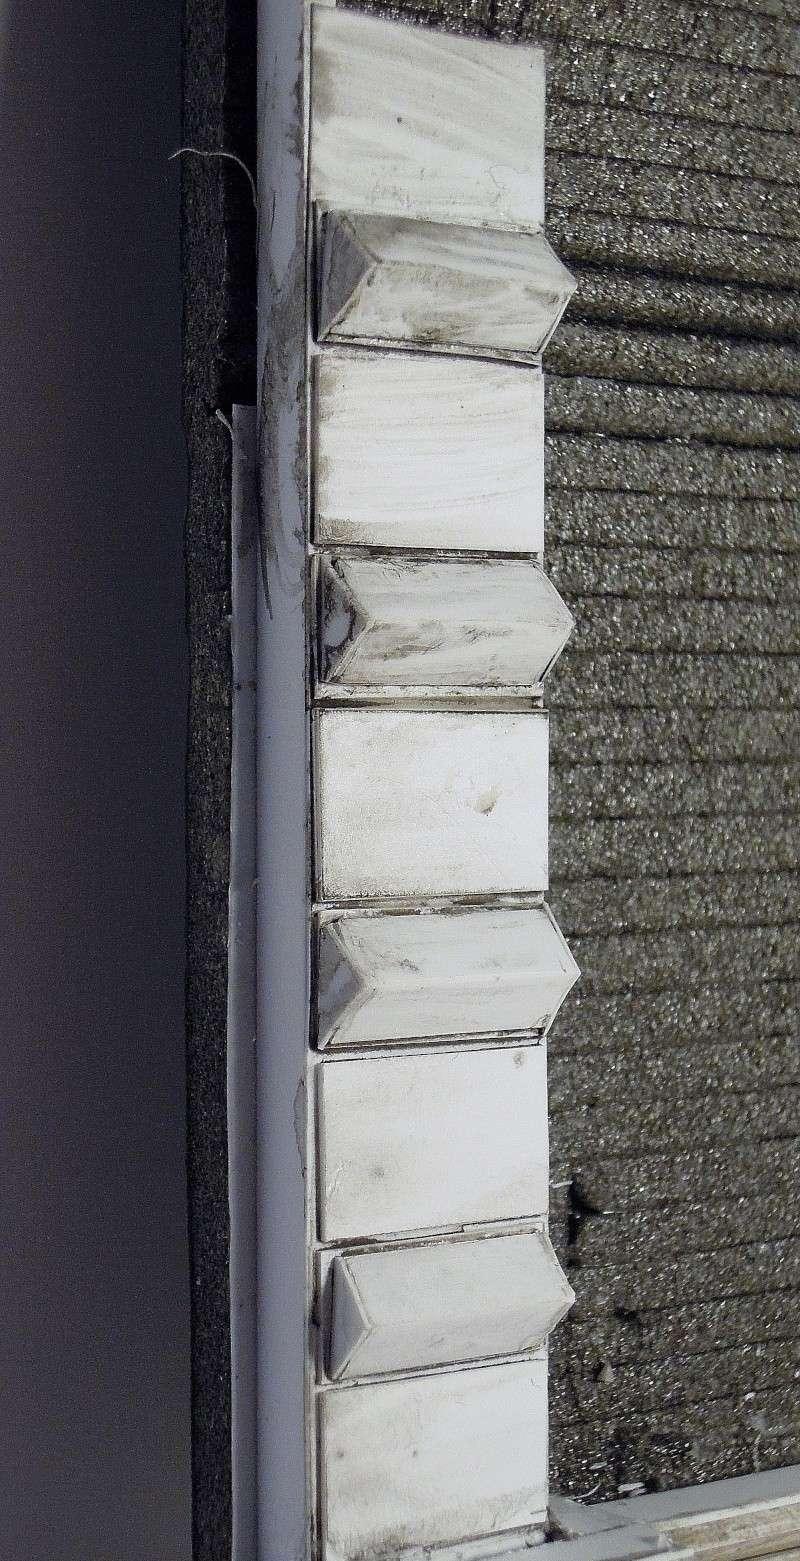 façade berlinoise scratch intégrale 1/35 Dscn6537